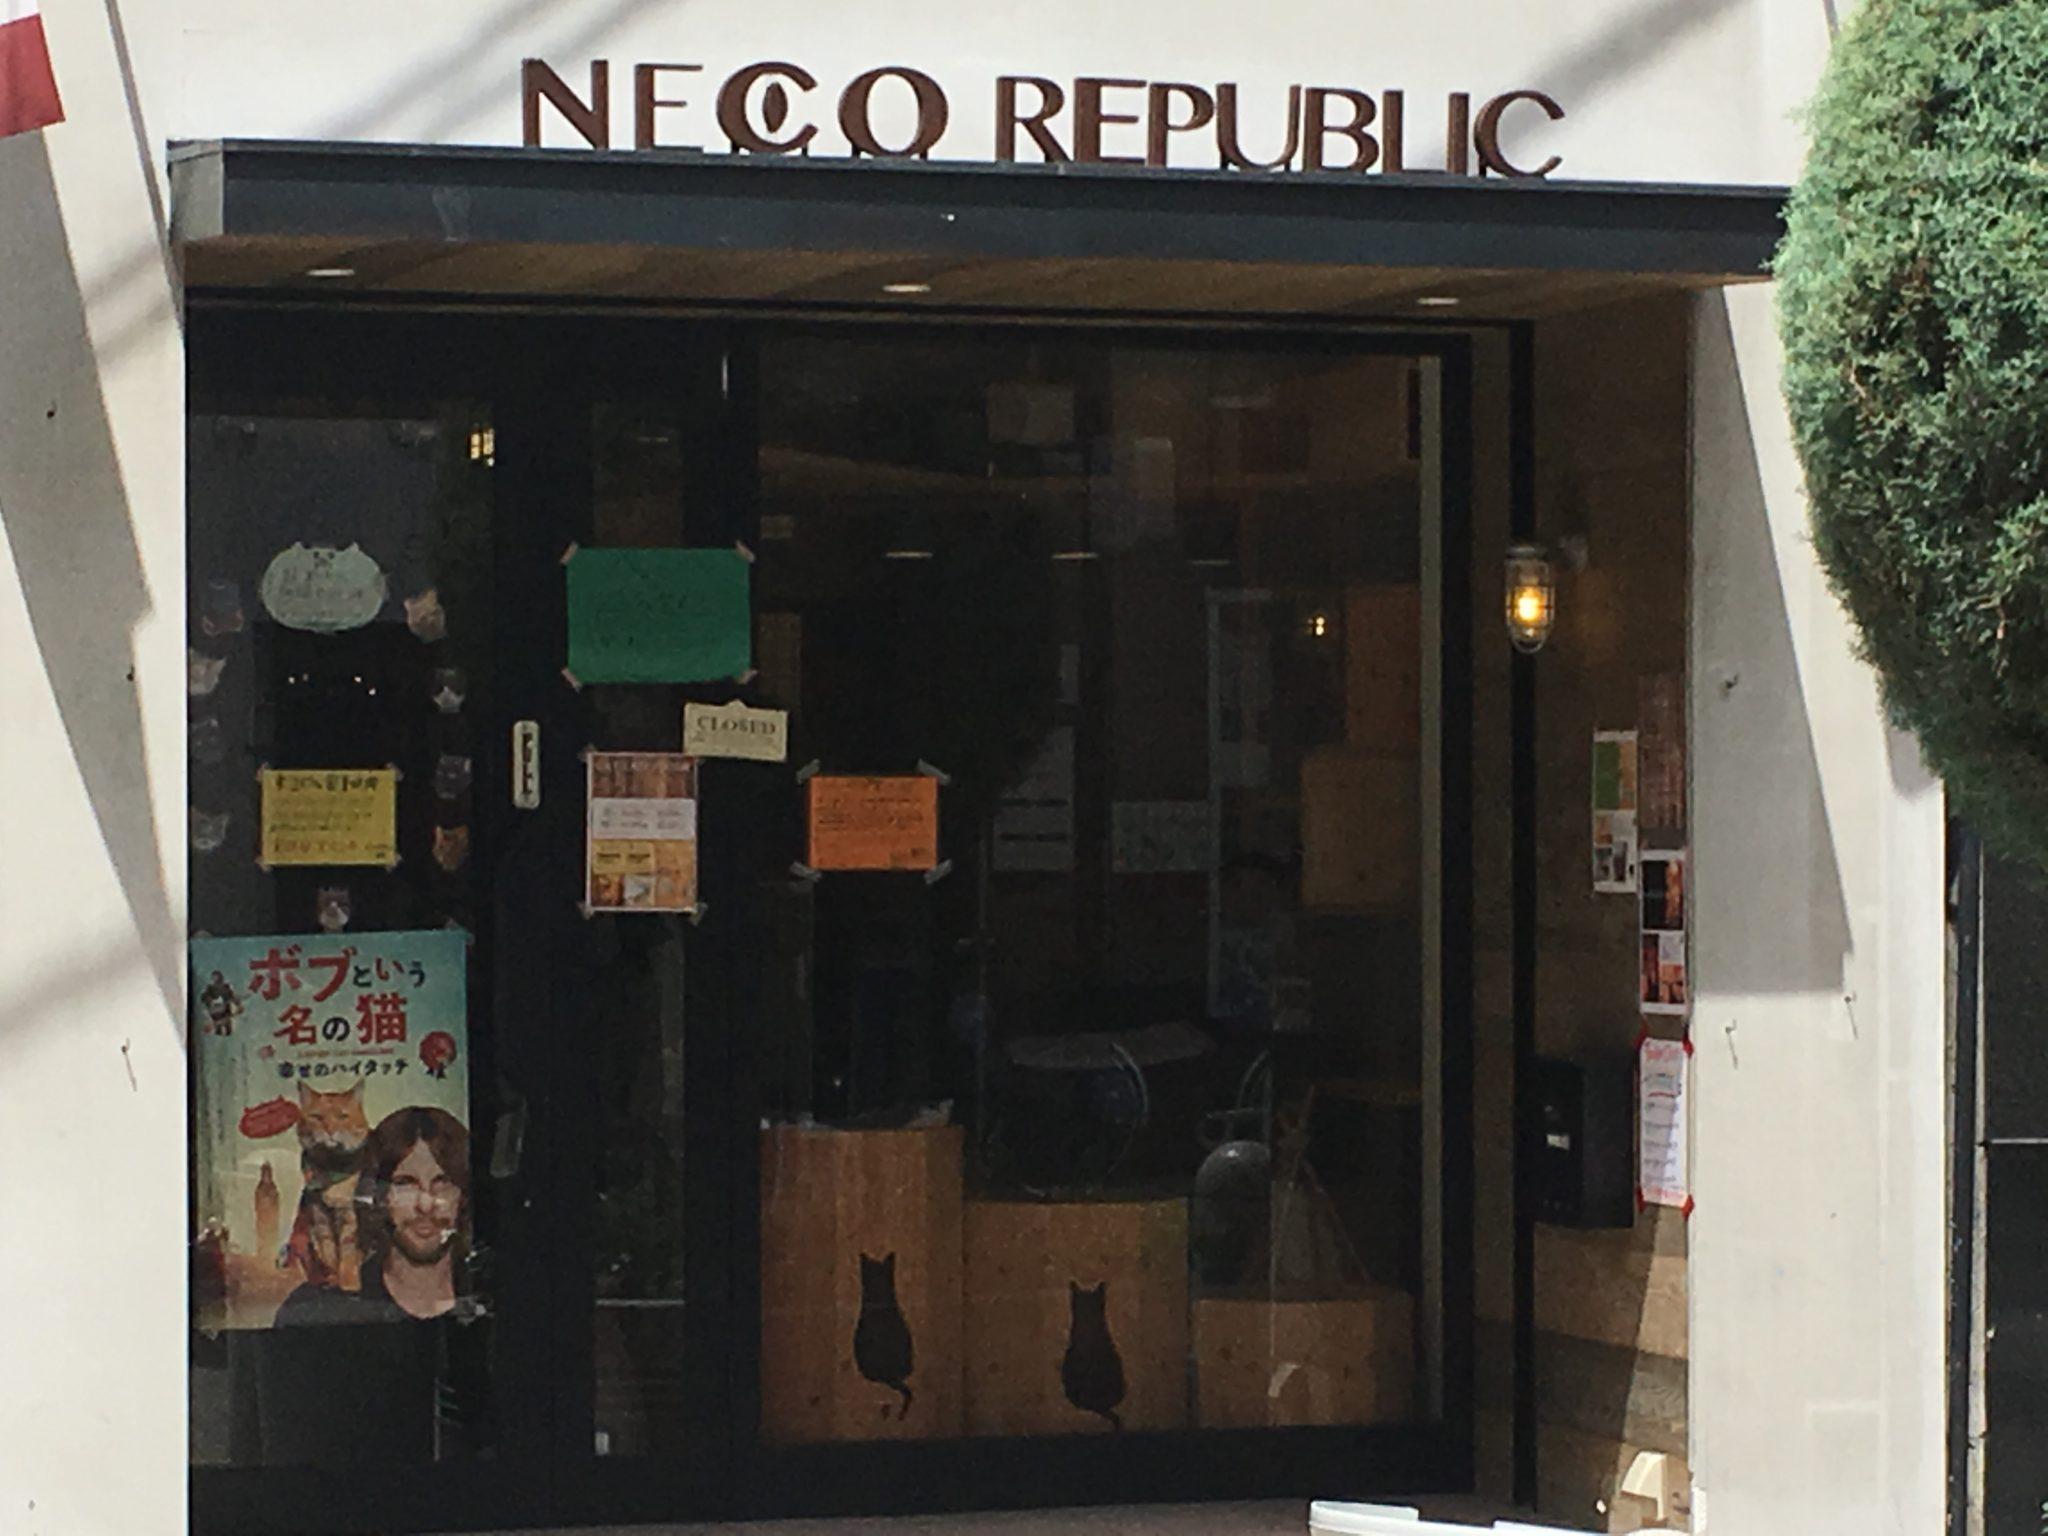 Neko cafe republic